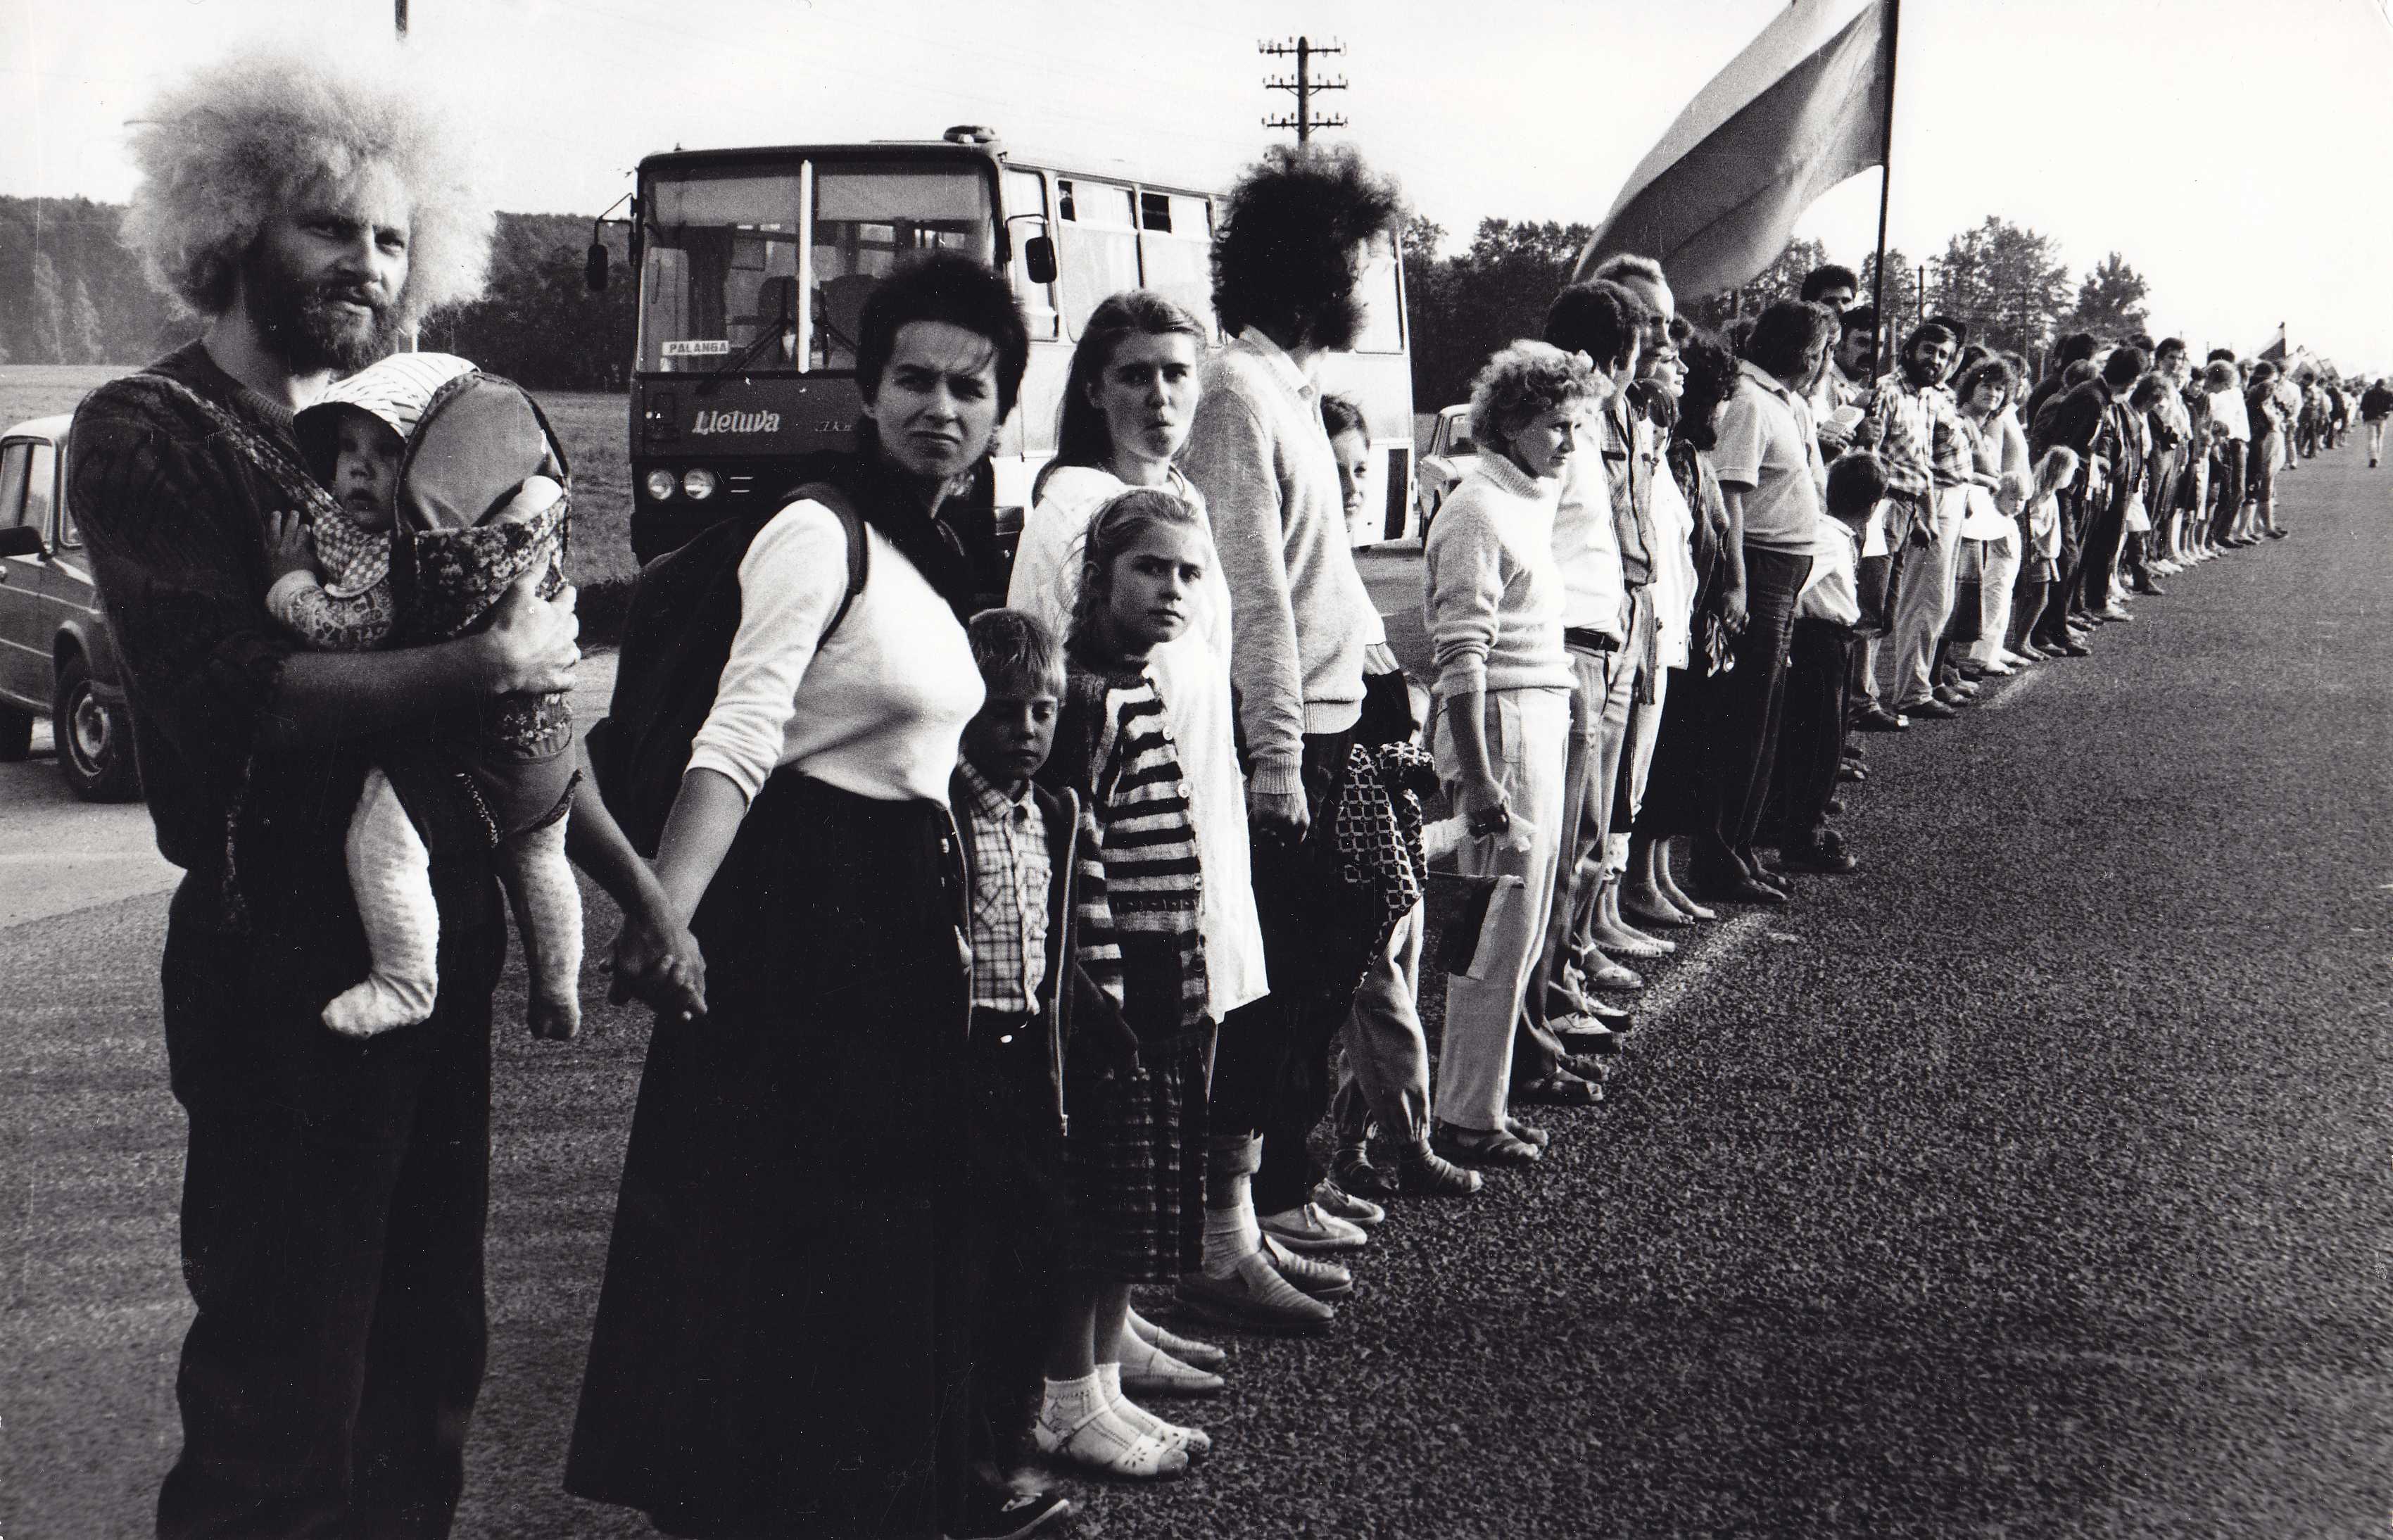 Baltijos kelias ties Ąžuolpamūše. Iš kairės: dailininkas Vaidotas Kvašys, jo žmona Rita Savickaitė-Kvašienė su vaikais